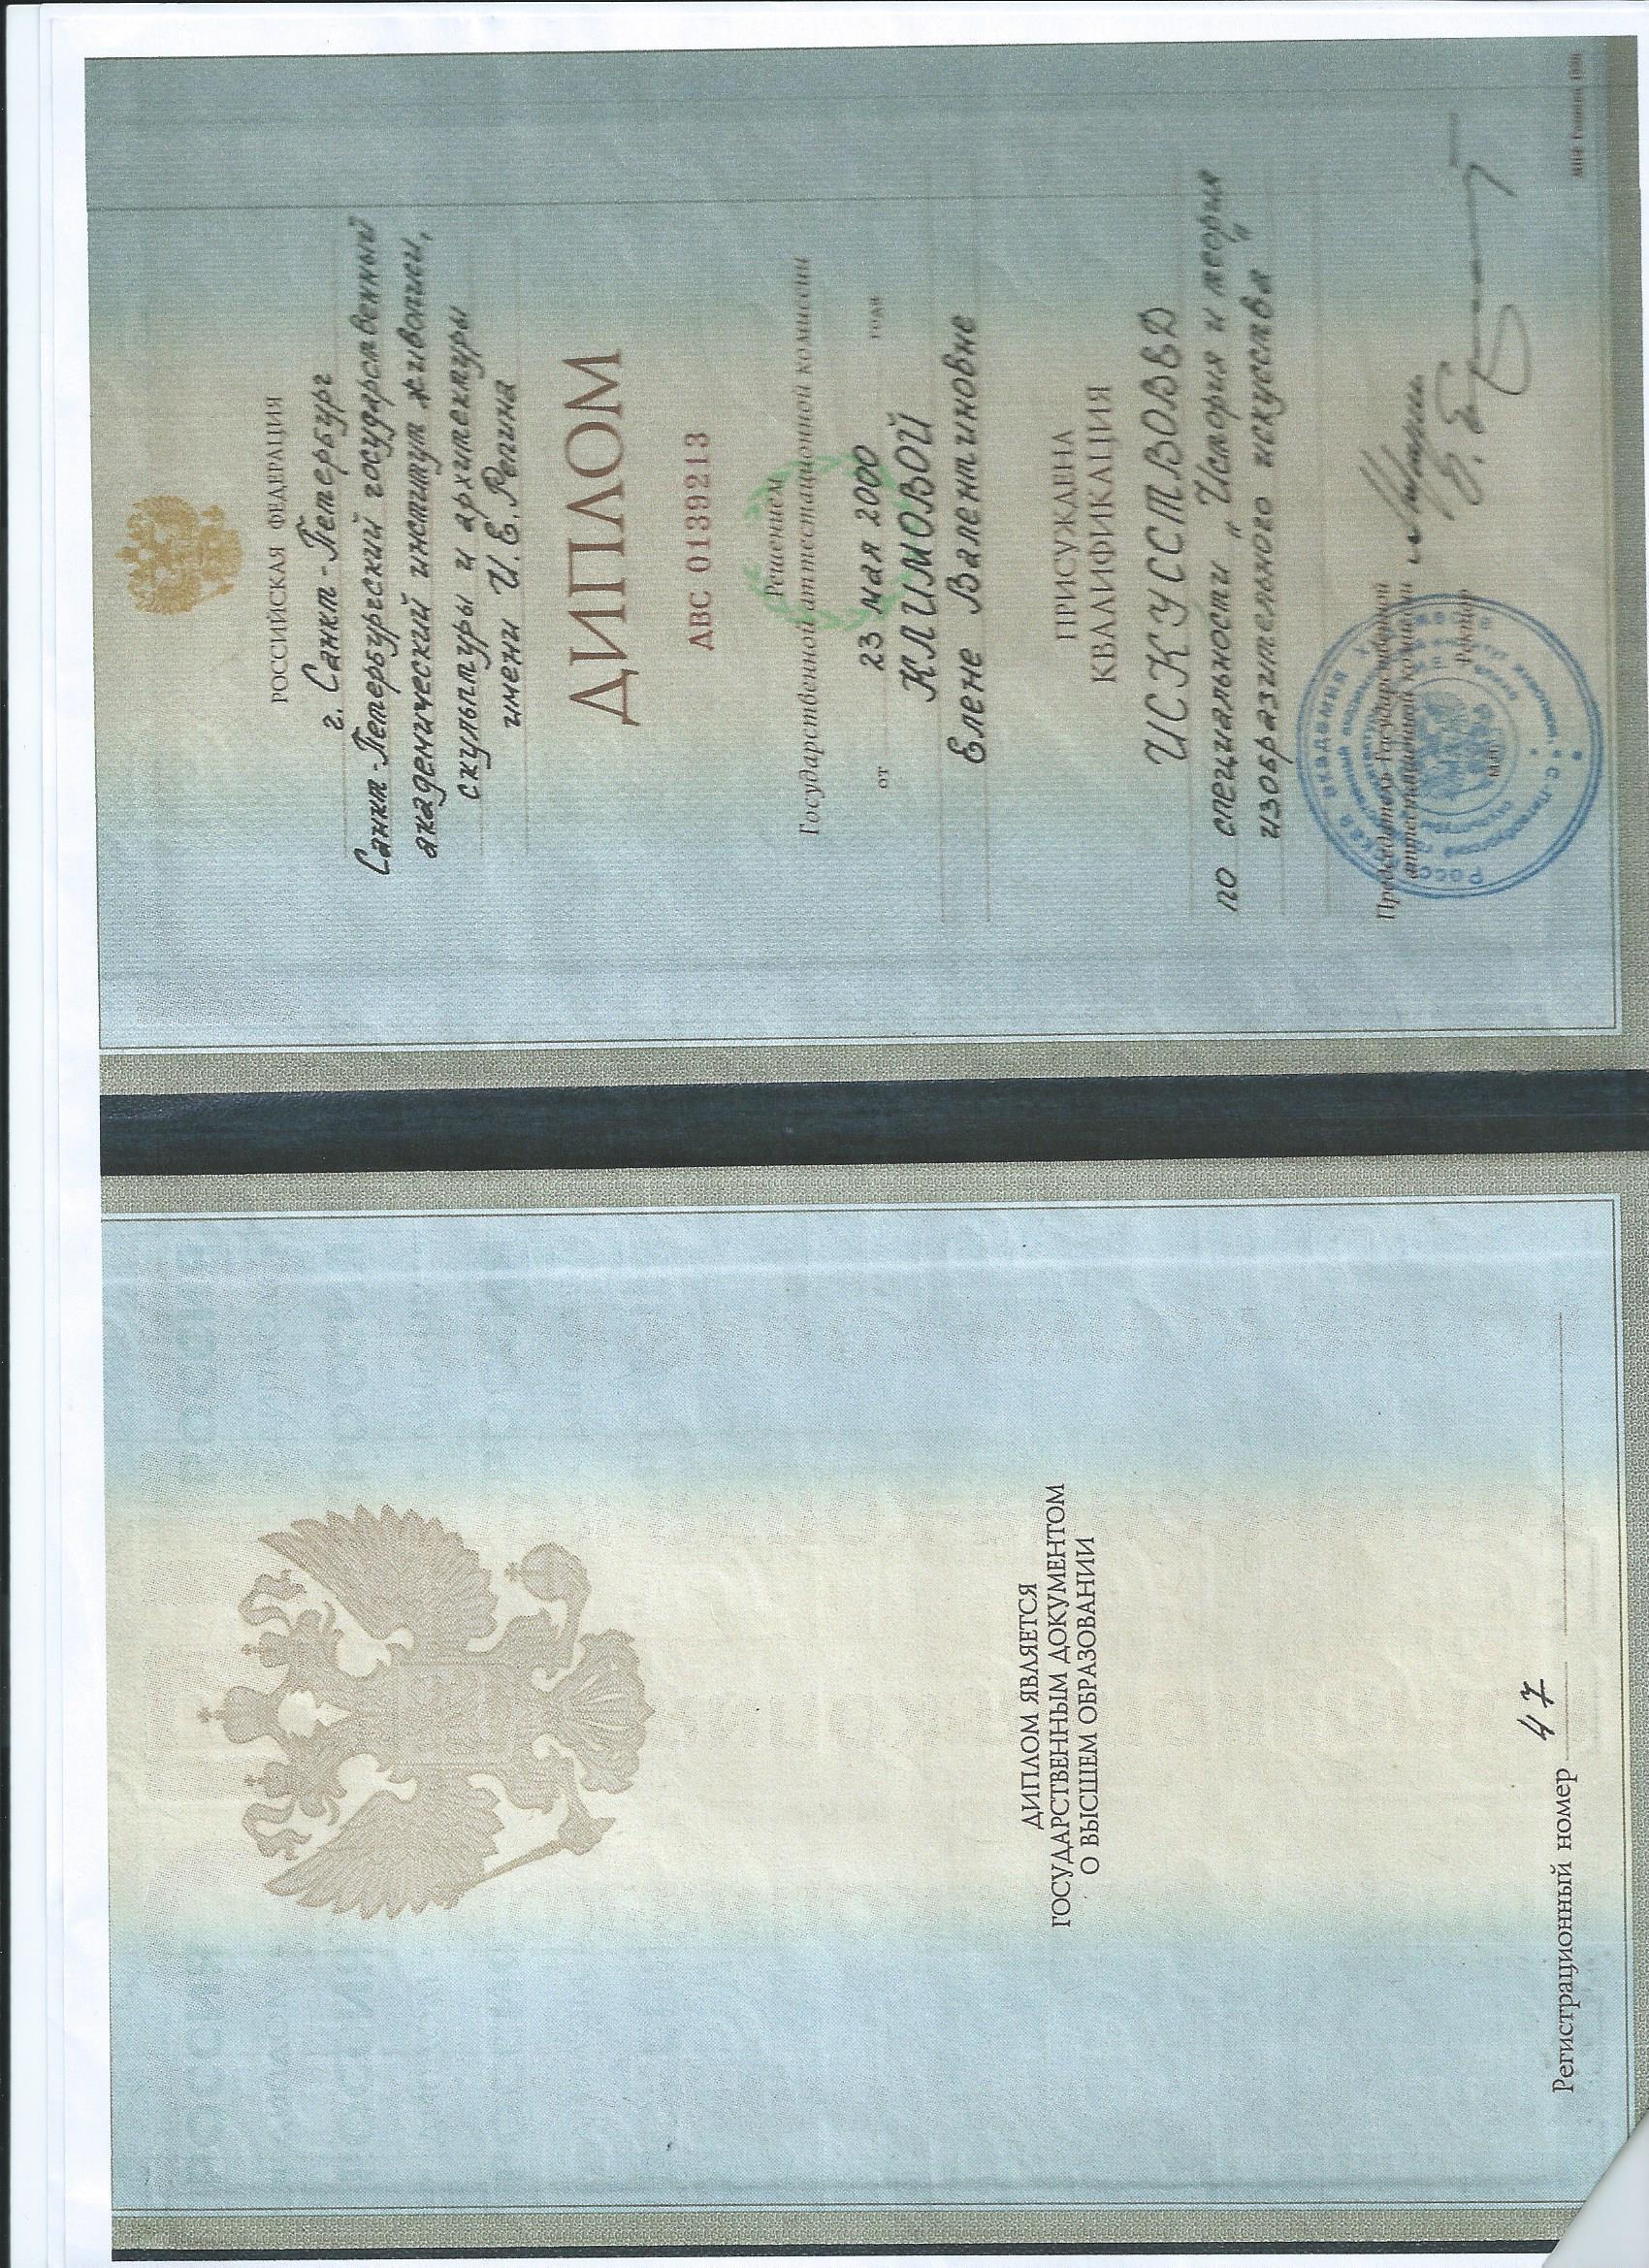 Елена Климова частный гид в Италии Монако Франции ДИПЛОМ ИСКУССТВОВЕДА